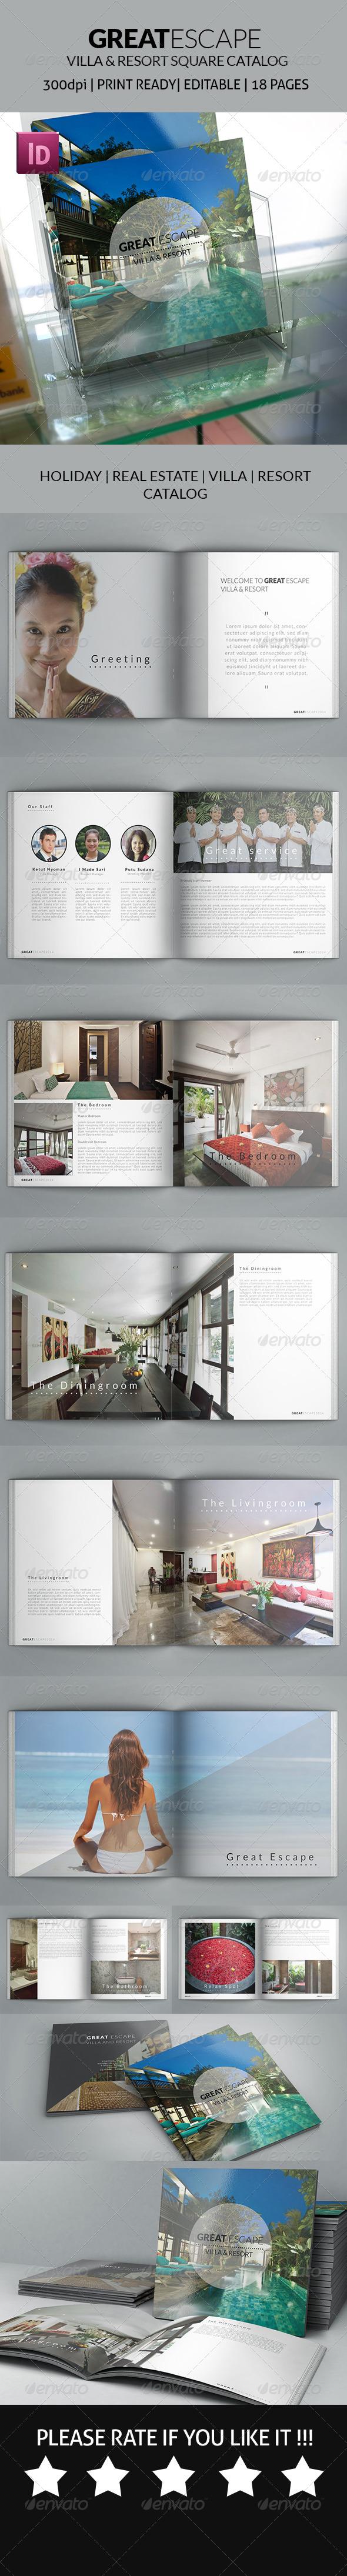 GraphicRiver Great Escape Villas and Resort Square Catalog 7998387